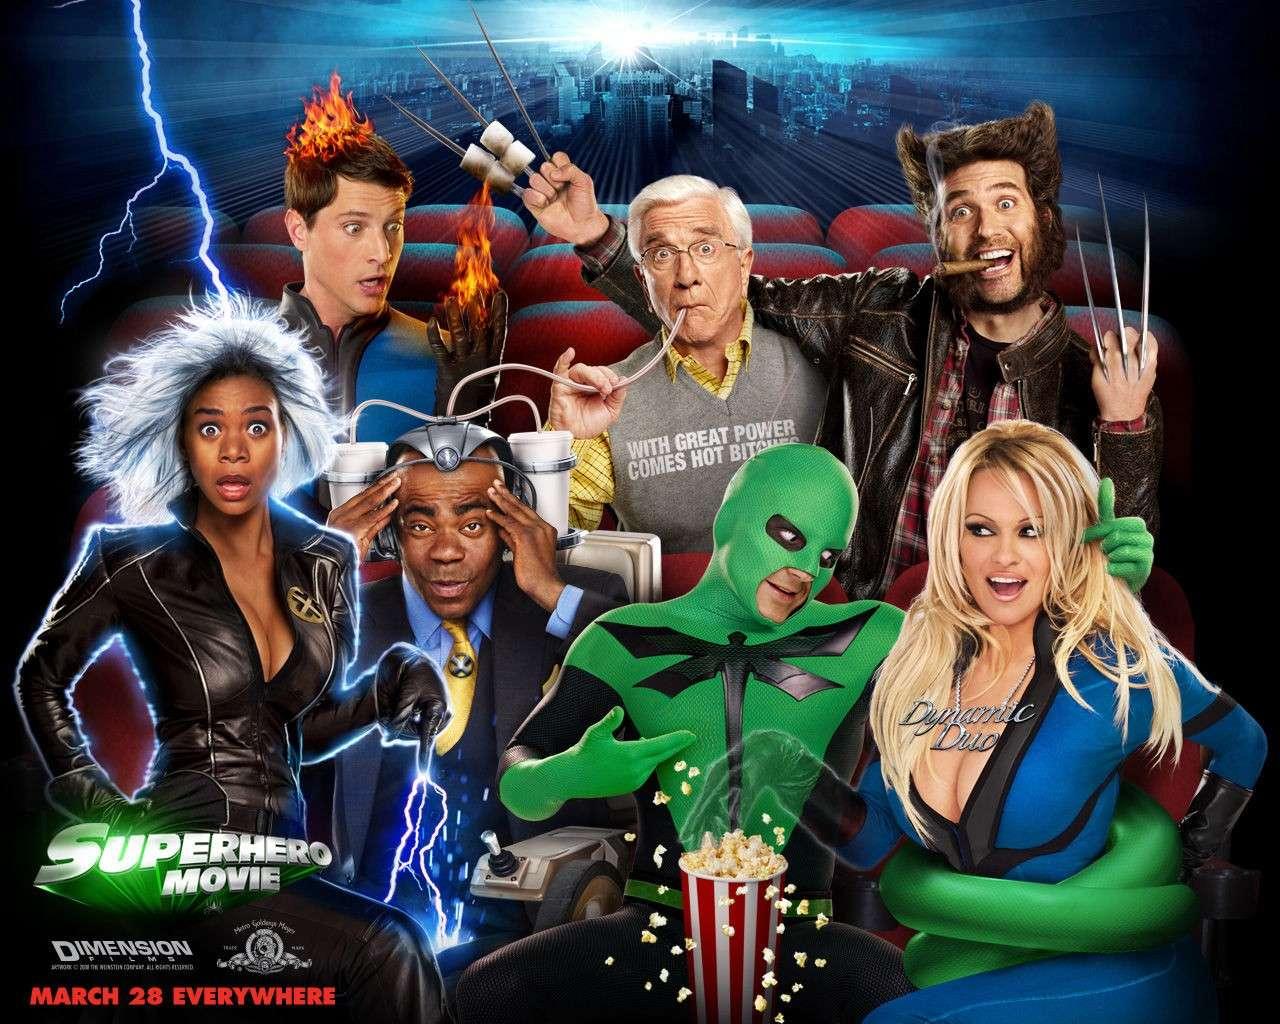 Superhero Movie Superh11